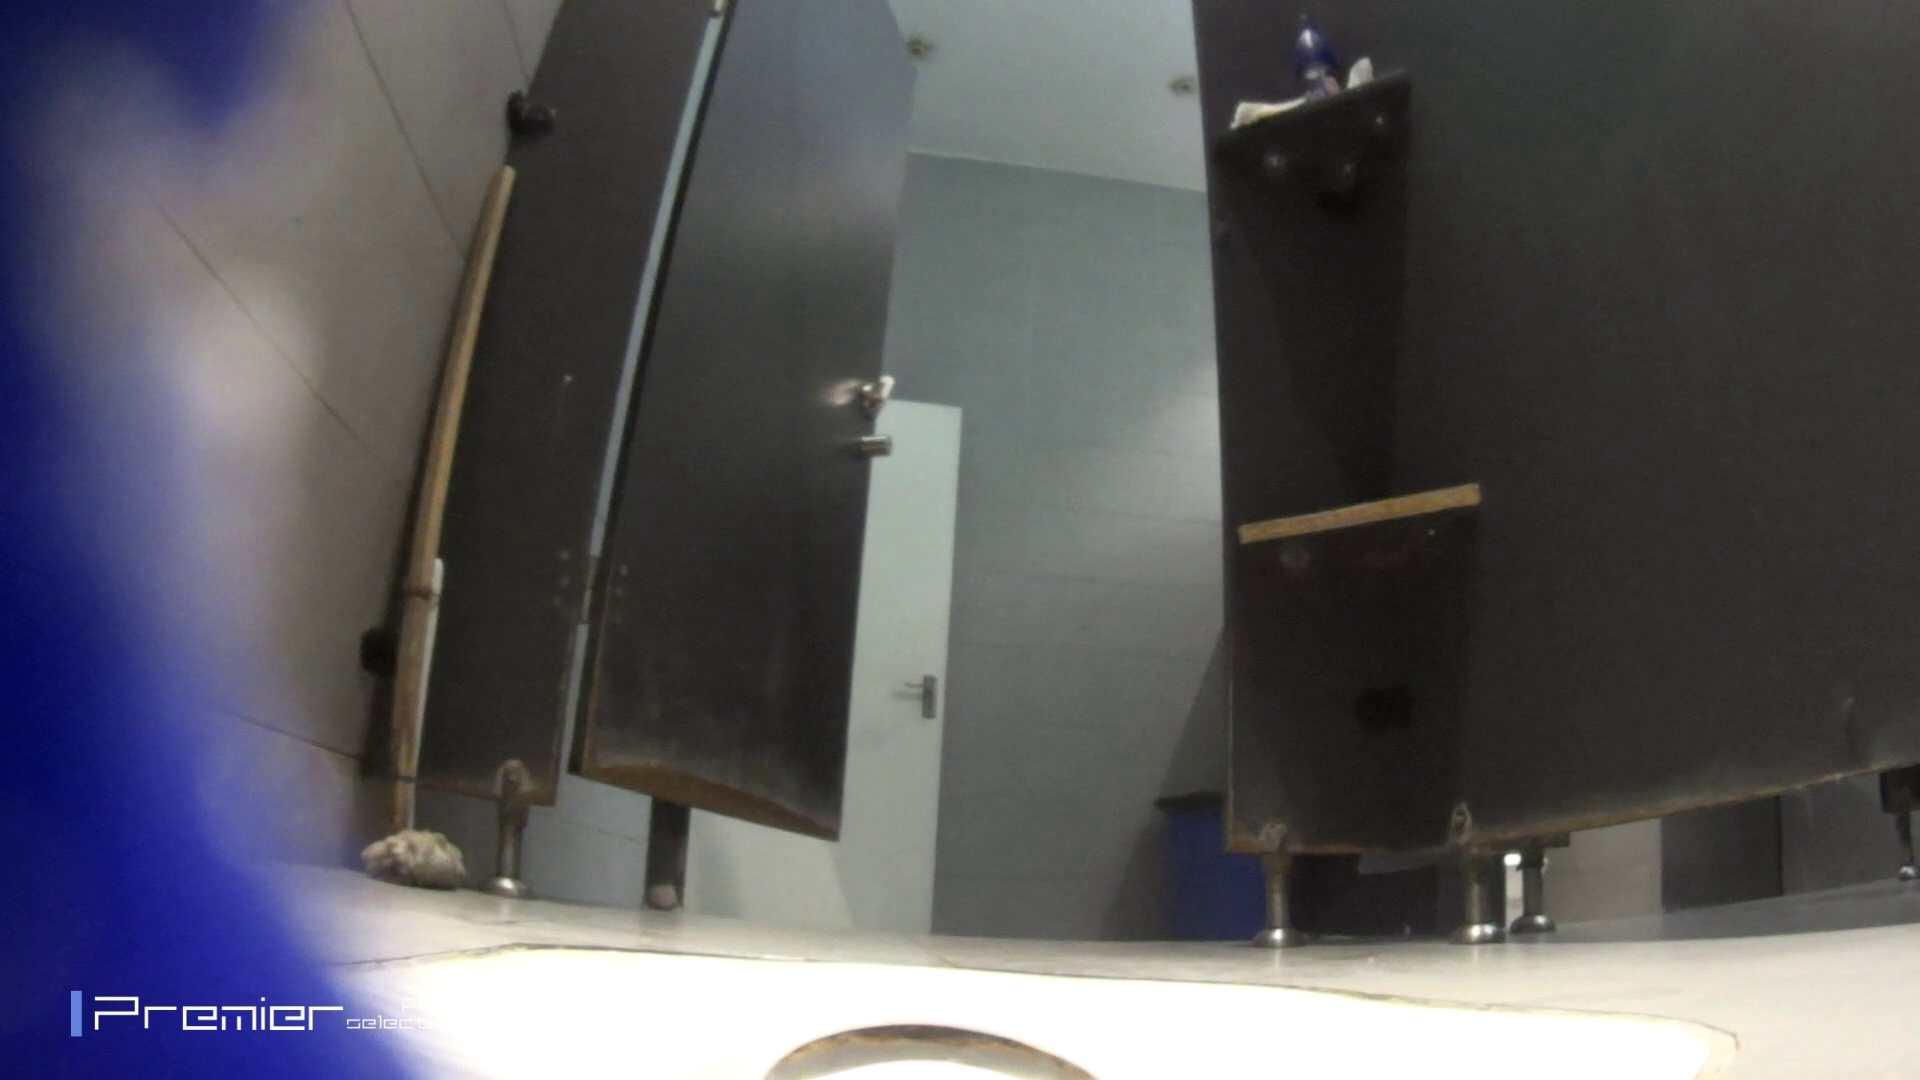 真夏のギャルの洗面所 大学休憩時間の洗面所事情52 洗面所着替え | お姉さん達のヌード  99連発 31